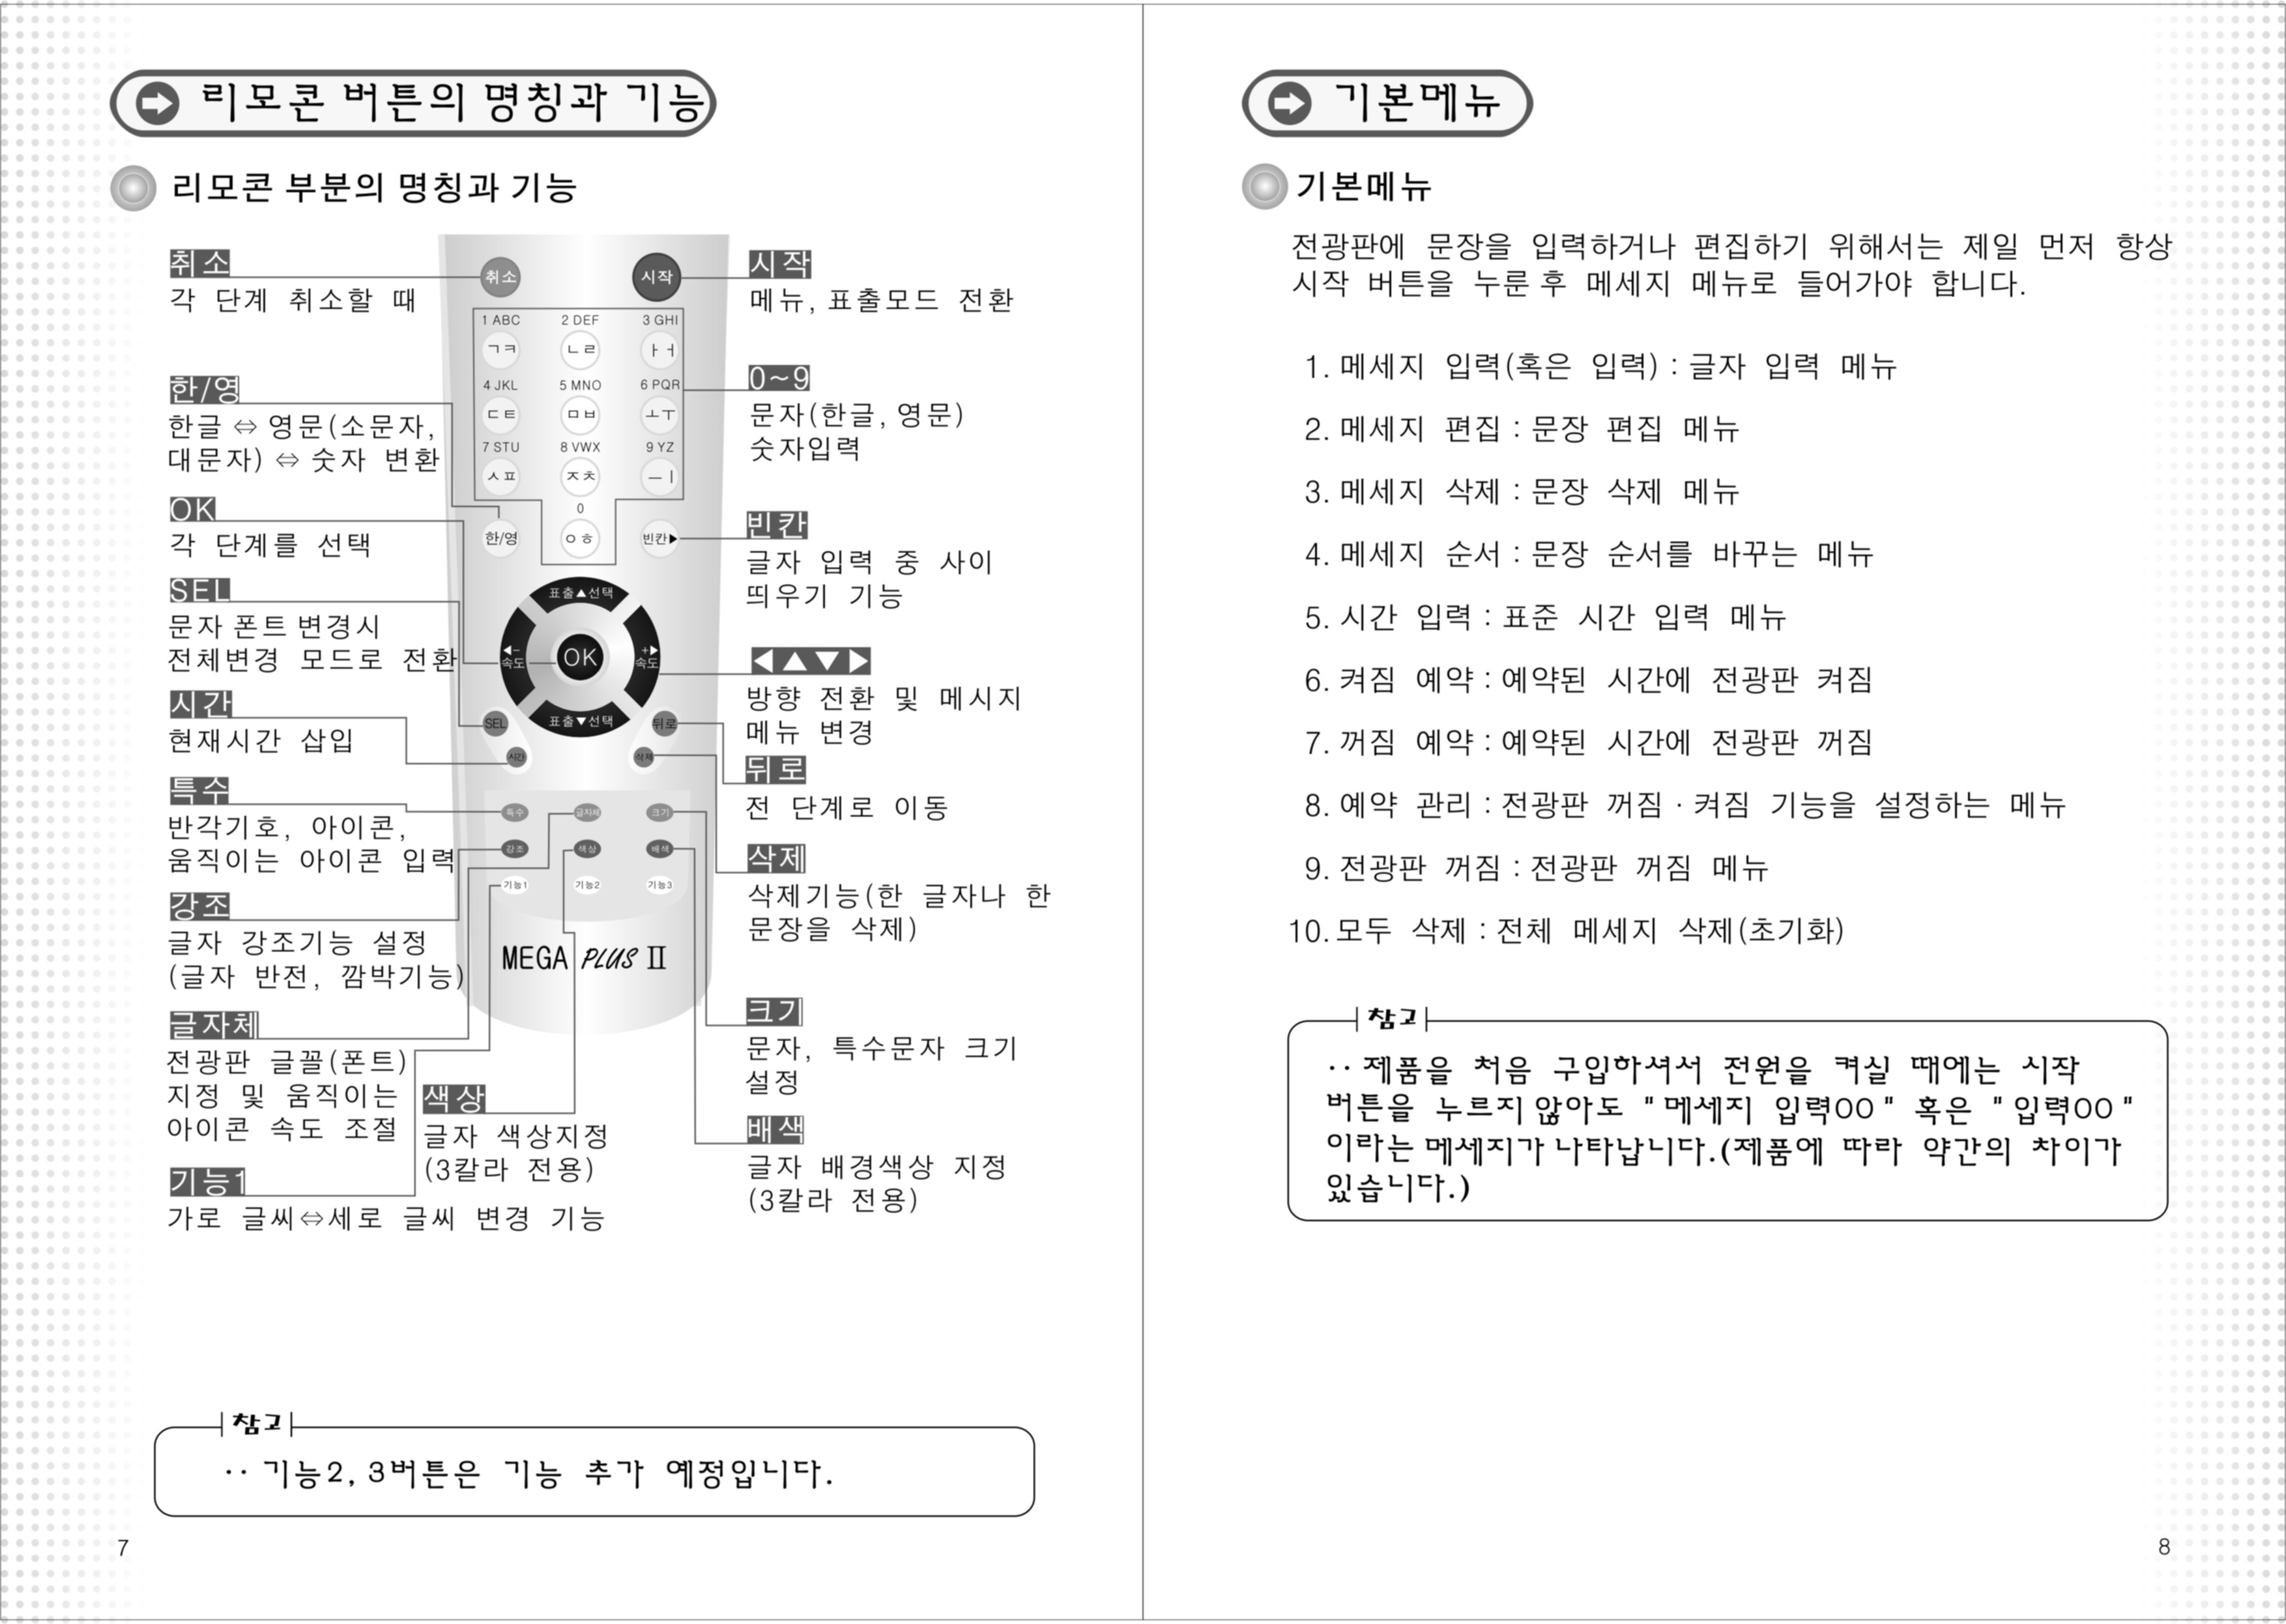 진영정보통신_사용 설명서 (5).jpg